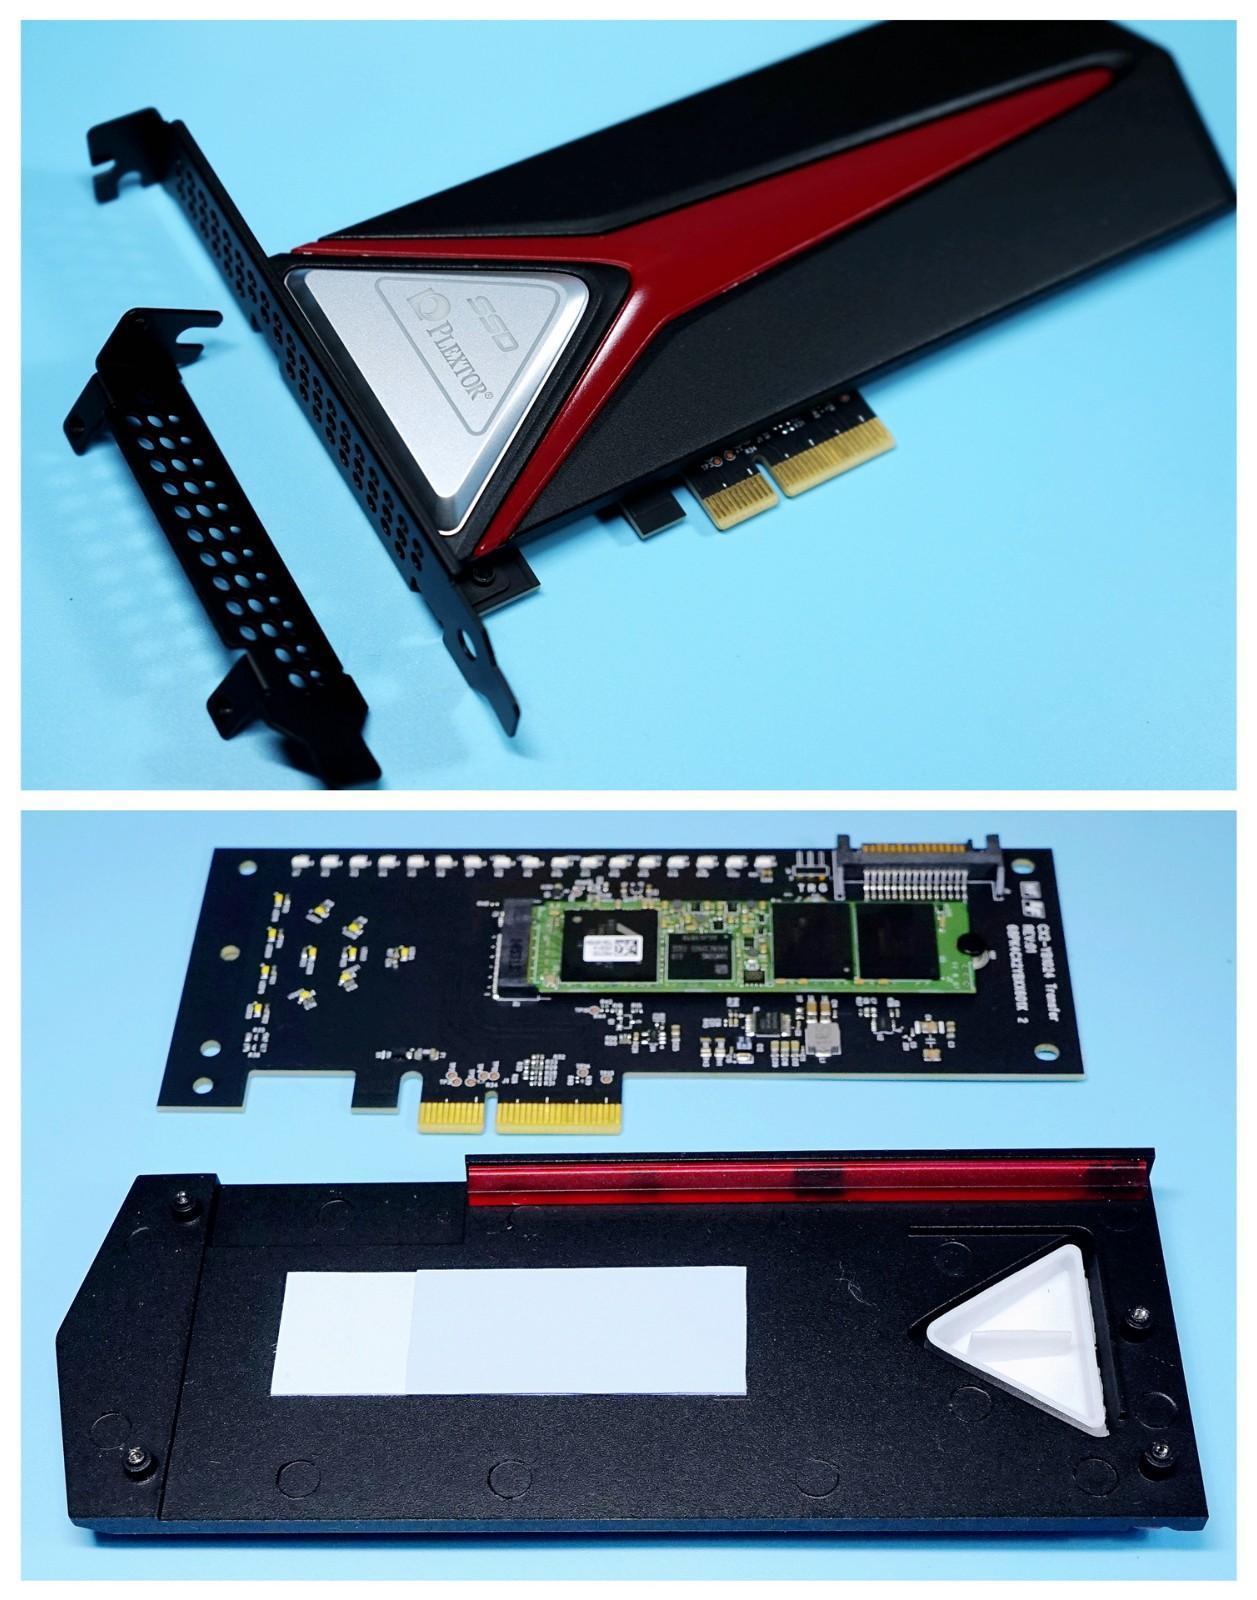 老夫卿发少年狂——老主板升级PCIE NVMe SSD攻略- 京东